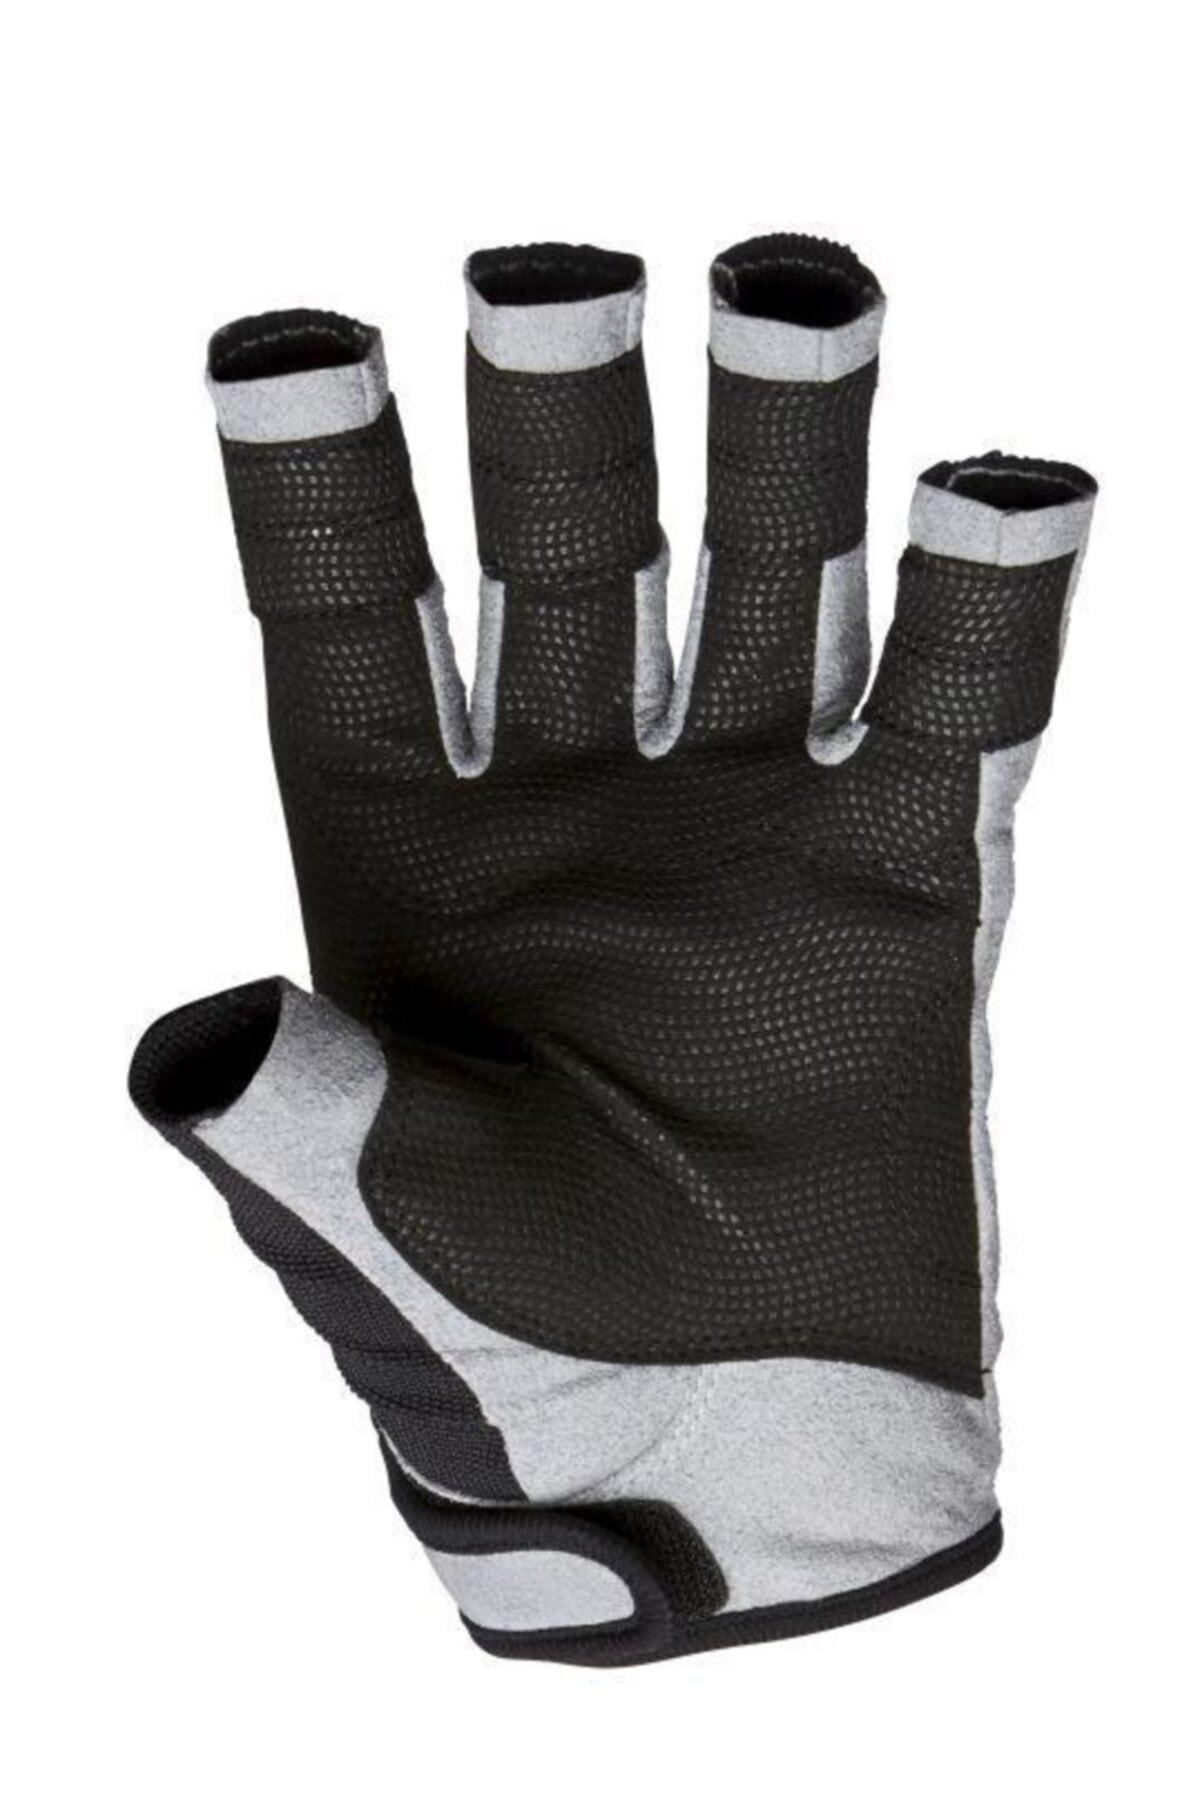 Helly Hansen Sailing Glove Short Kısa Yelken Eldiveni 2